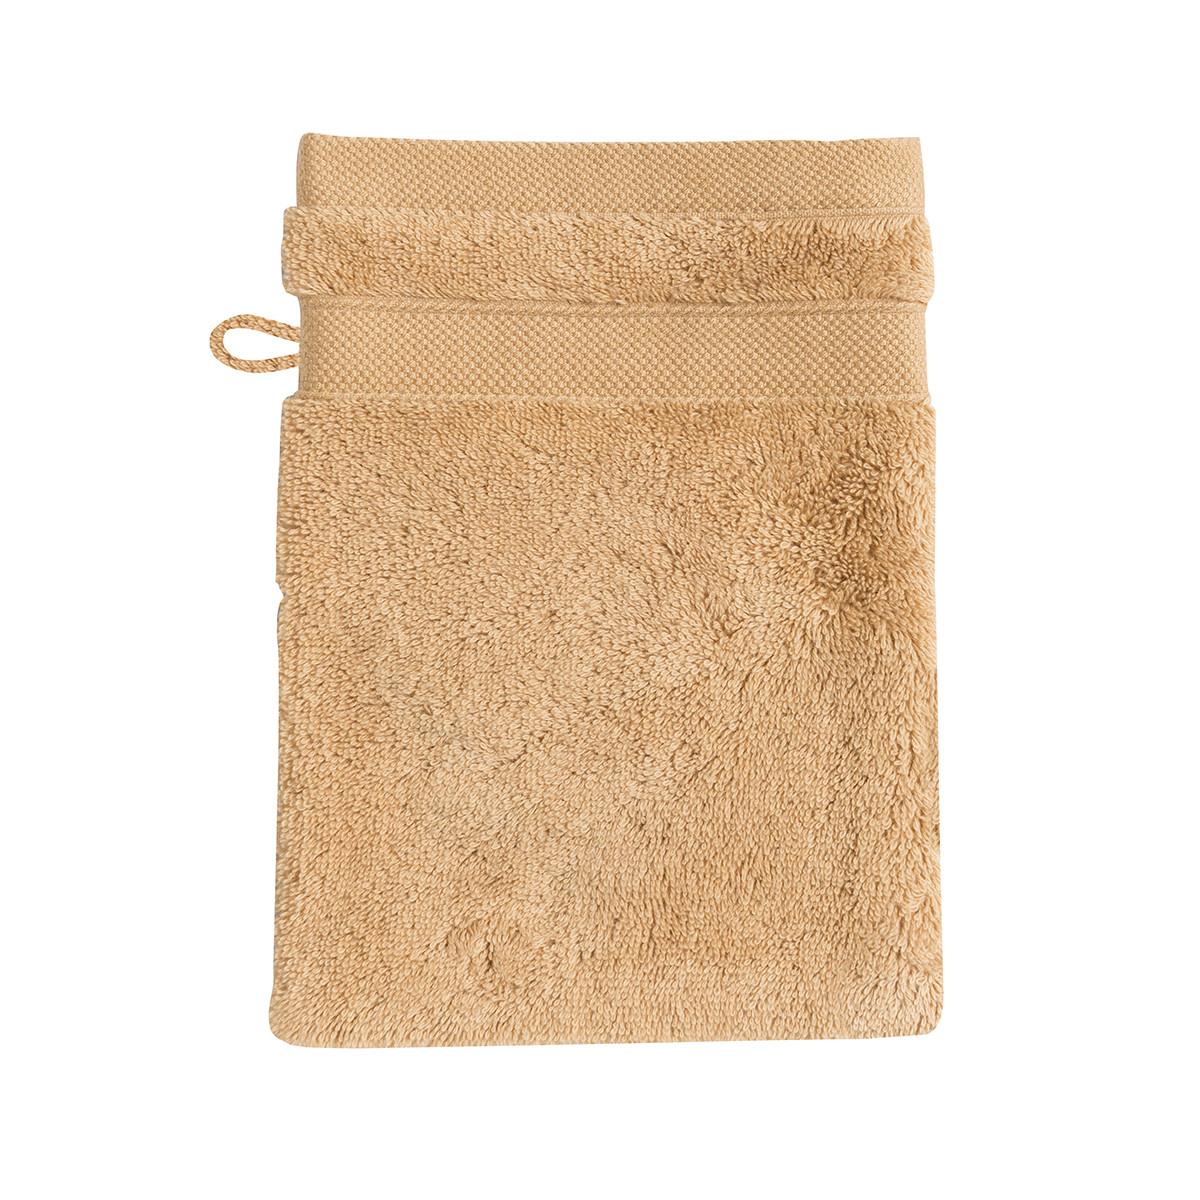 Gant de toilette coton 16x22 cm cachemire